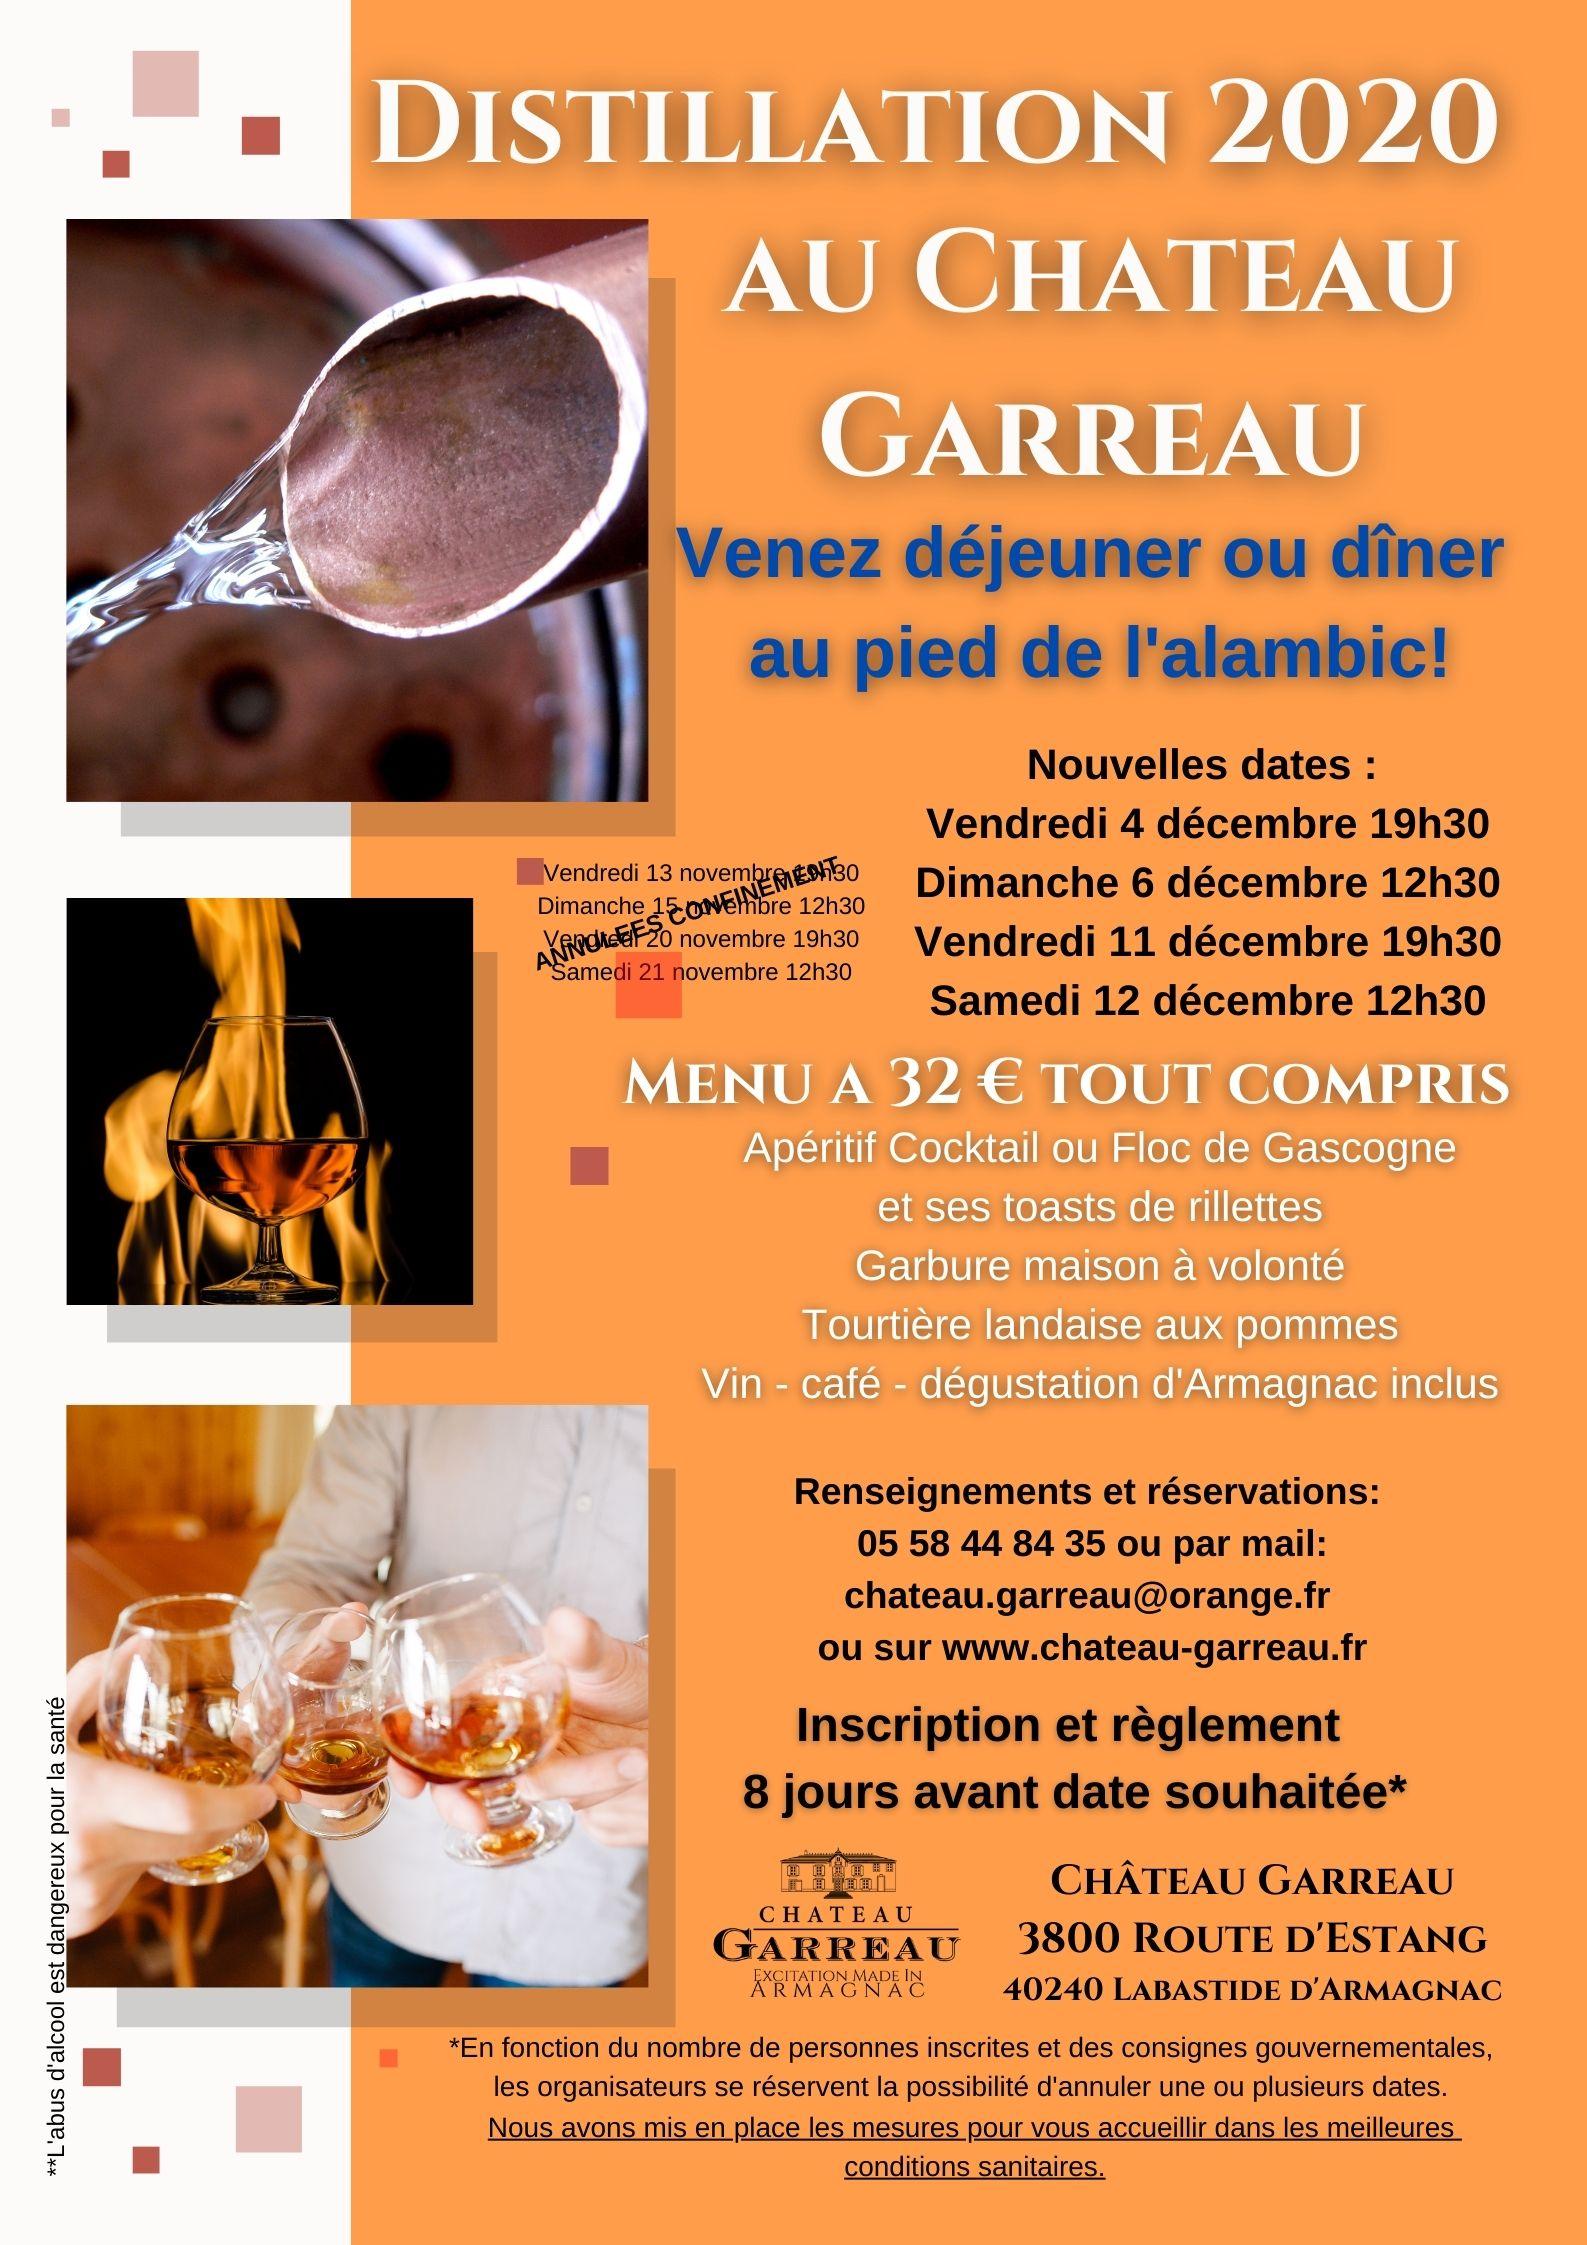 Distillation Chateau Garreau Labastide d'Armagnac